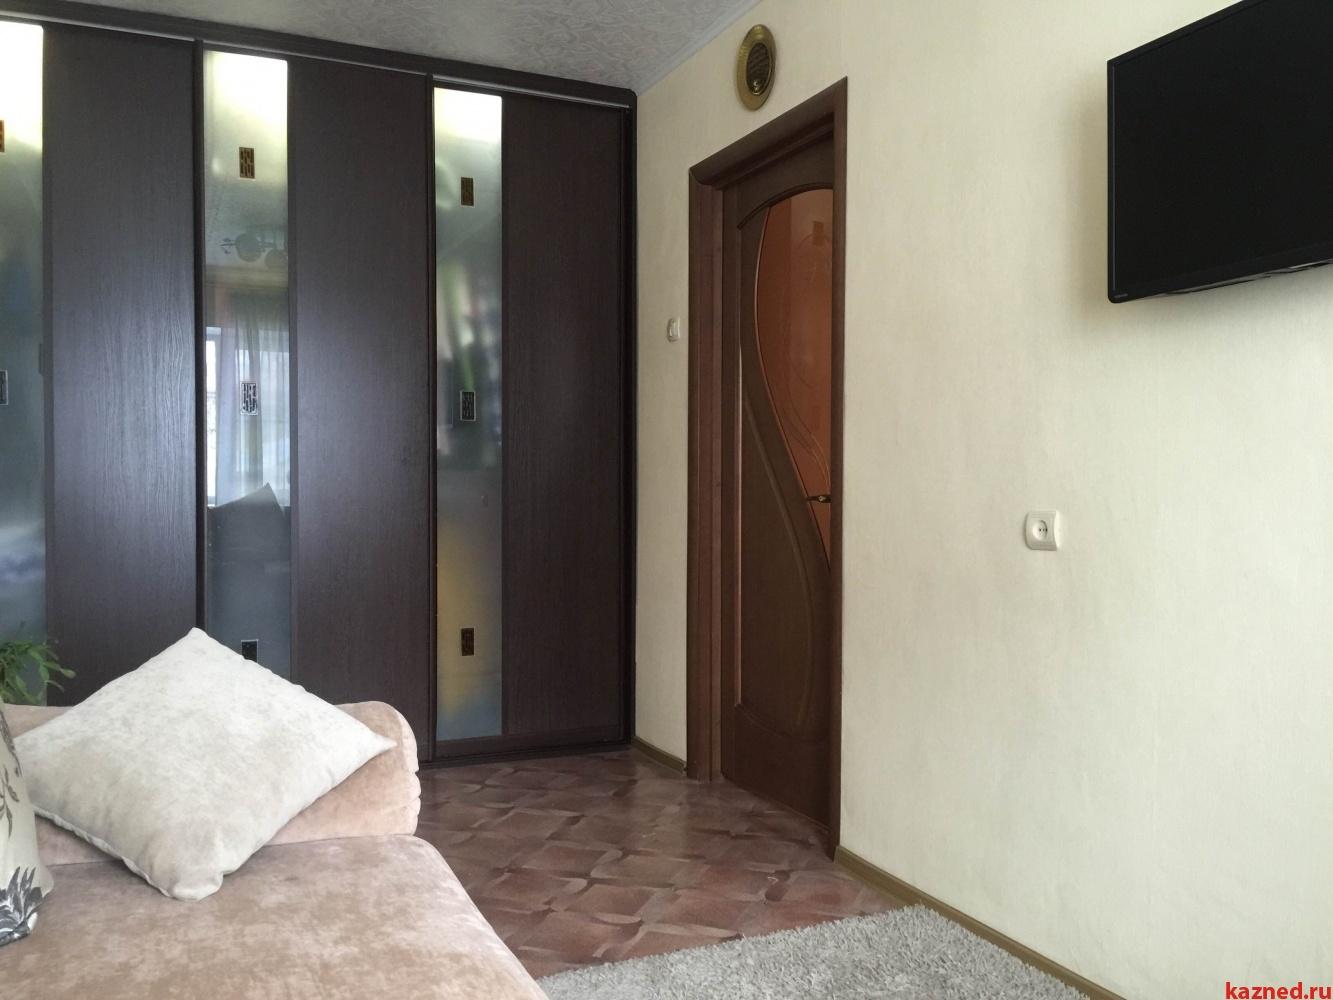 Продажа 2-к квартиры Заря, д.24, 0 м² (миниатюра №2)